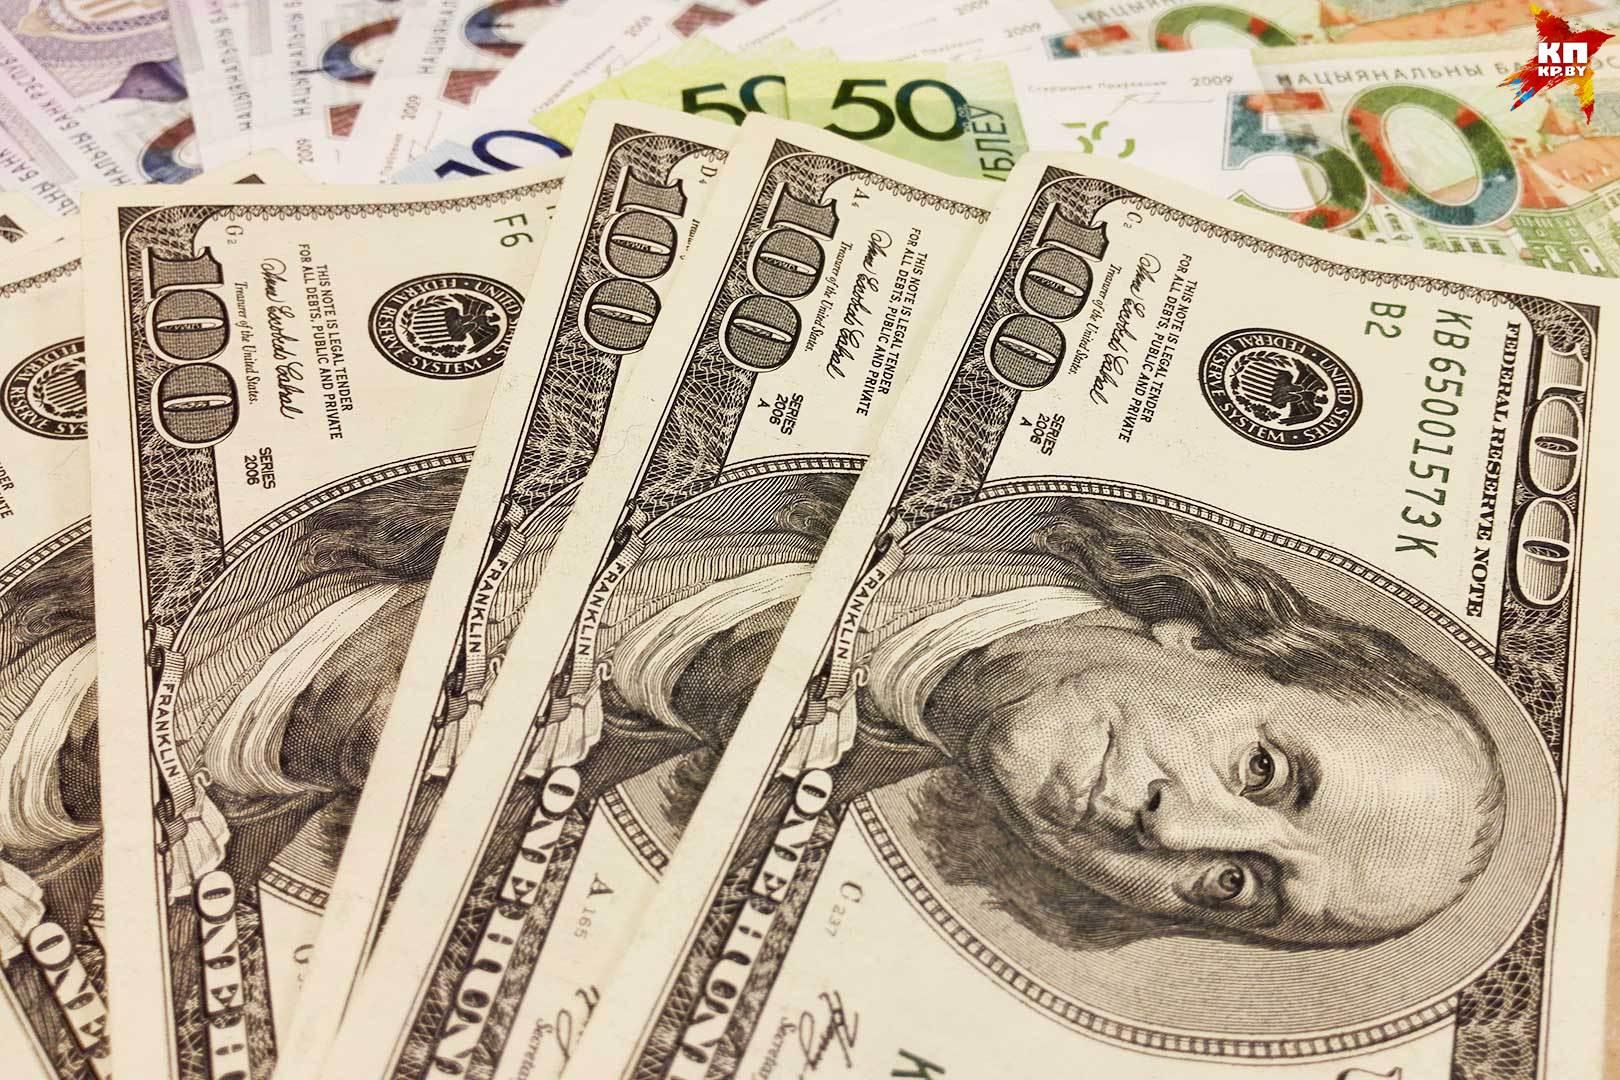 Министр экономики о зарплате в 500 долларов: Это крайне тяжелая задача.